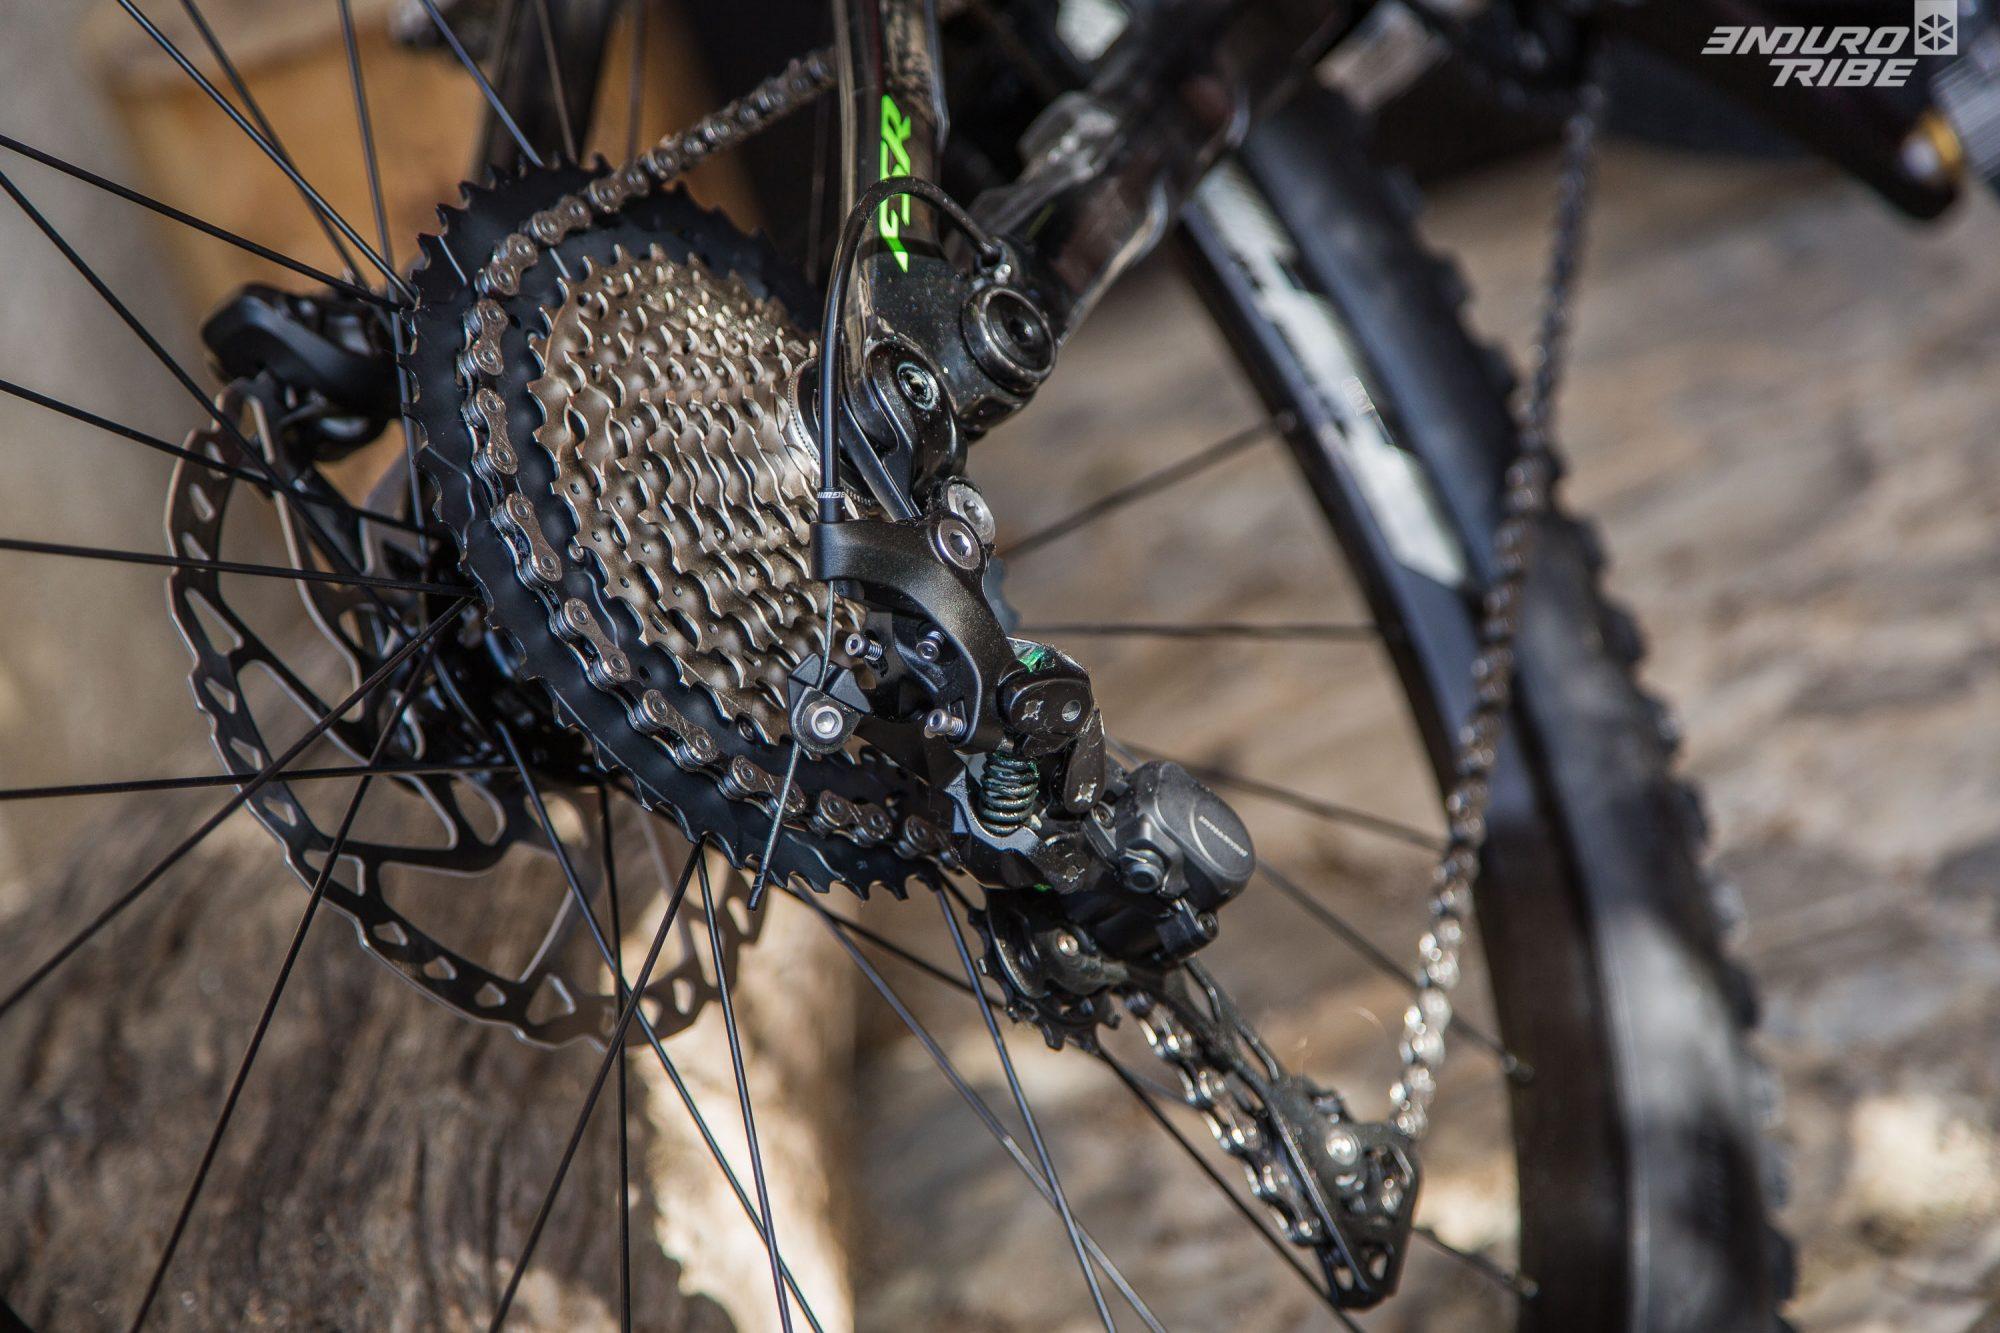 Le vélo se dote une nouvelle patte de dérailleur, plus rigide en deux parties et reliée à l'axe traversant.